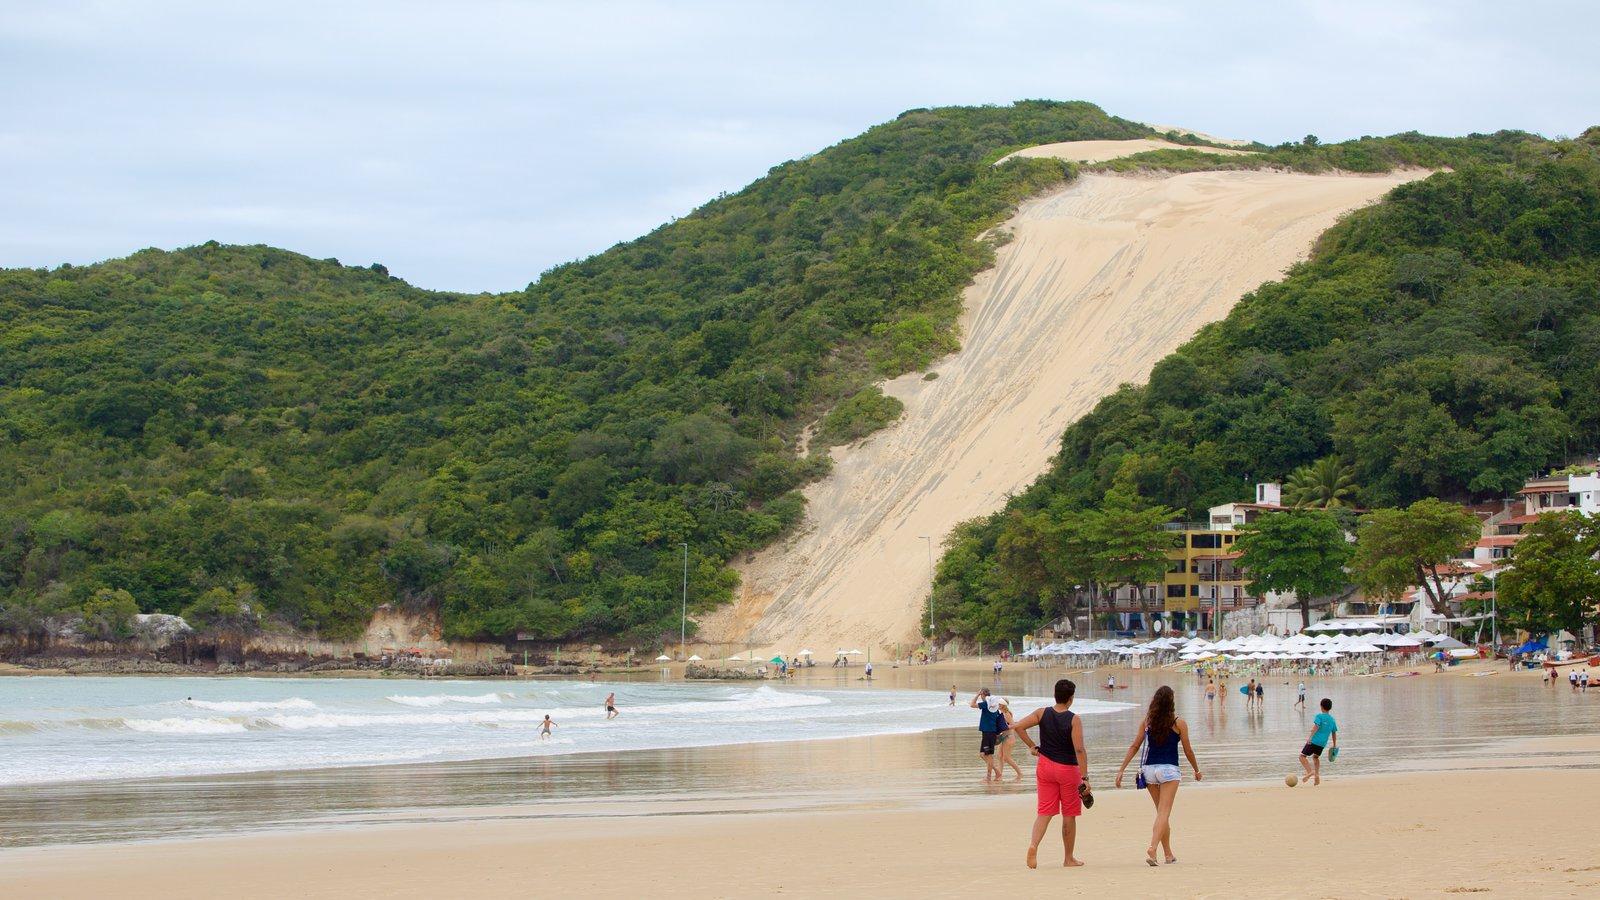 Praia de Ponta Negra que inclui uma cidade litorânea e uma praia assim como um pequeno grupo de pessoas